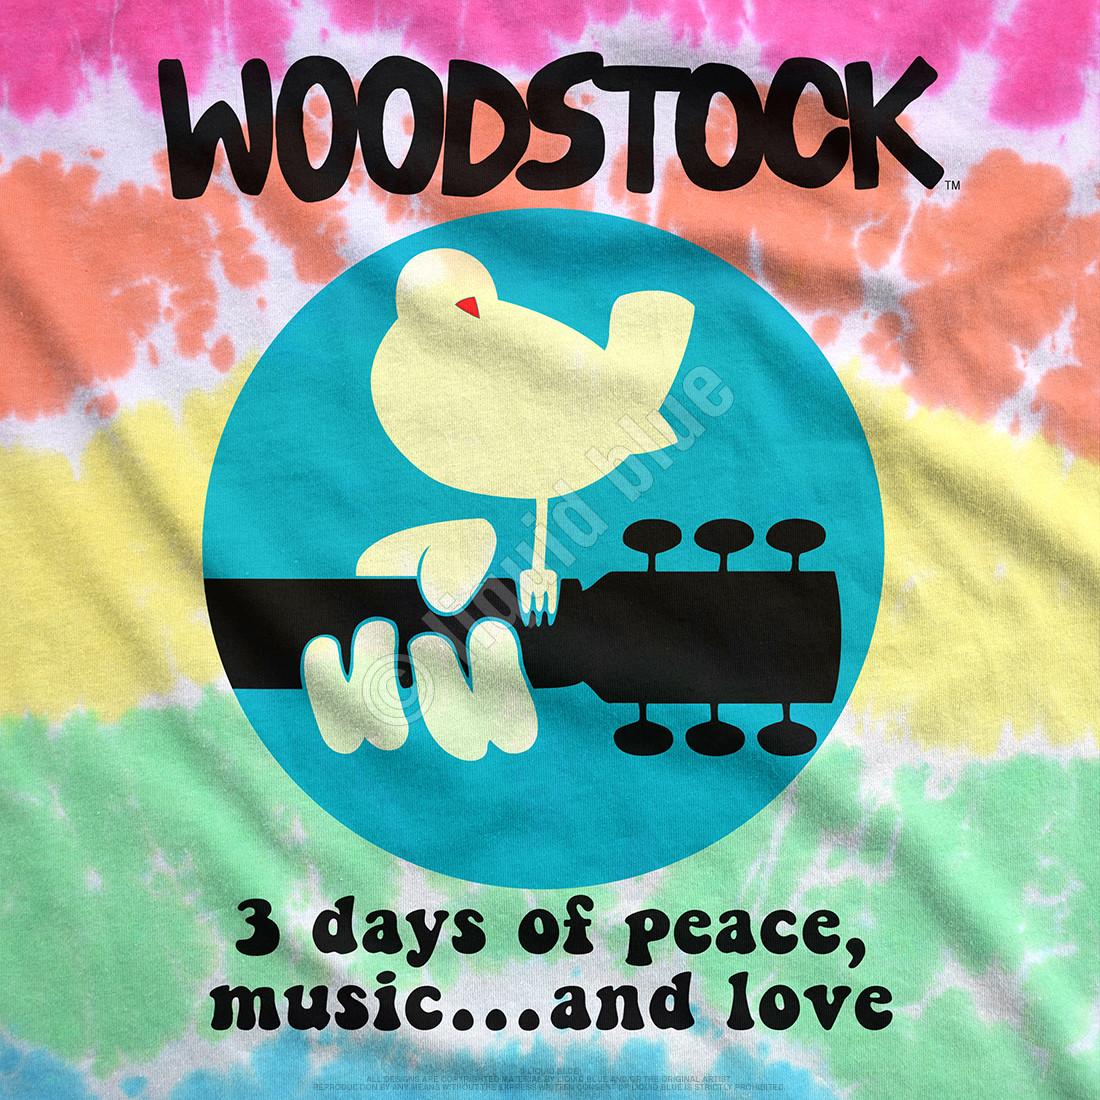 Woodstock Banded Tie-Dye T-Shirt